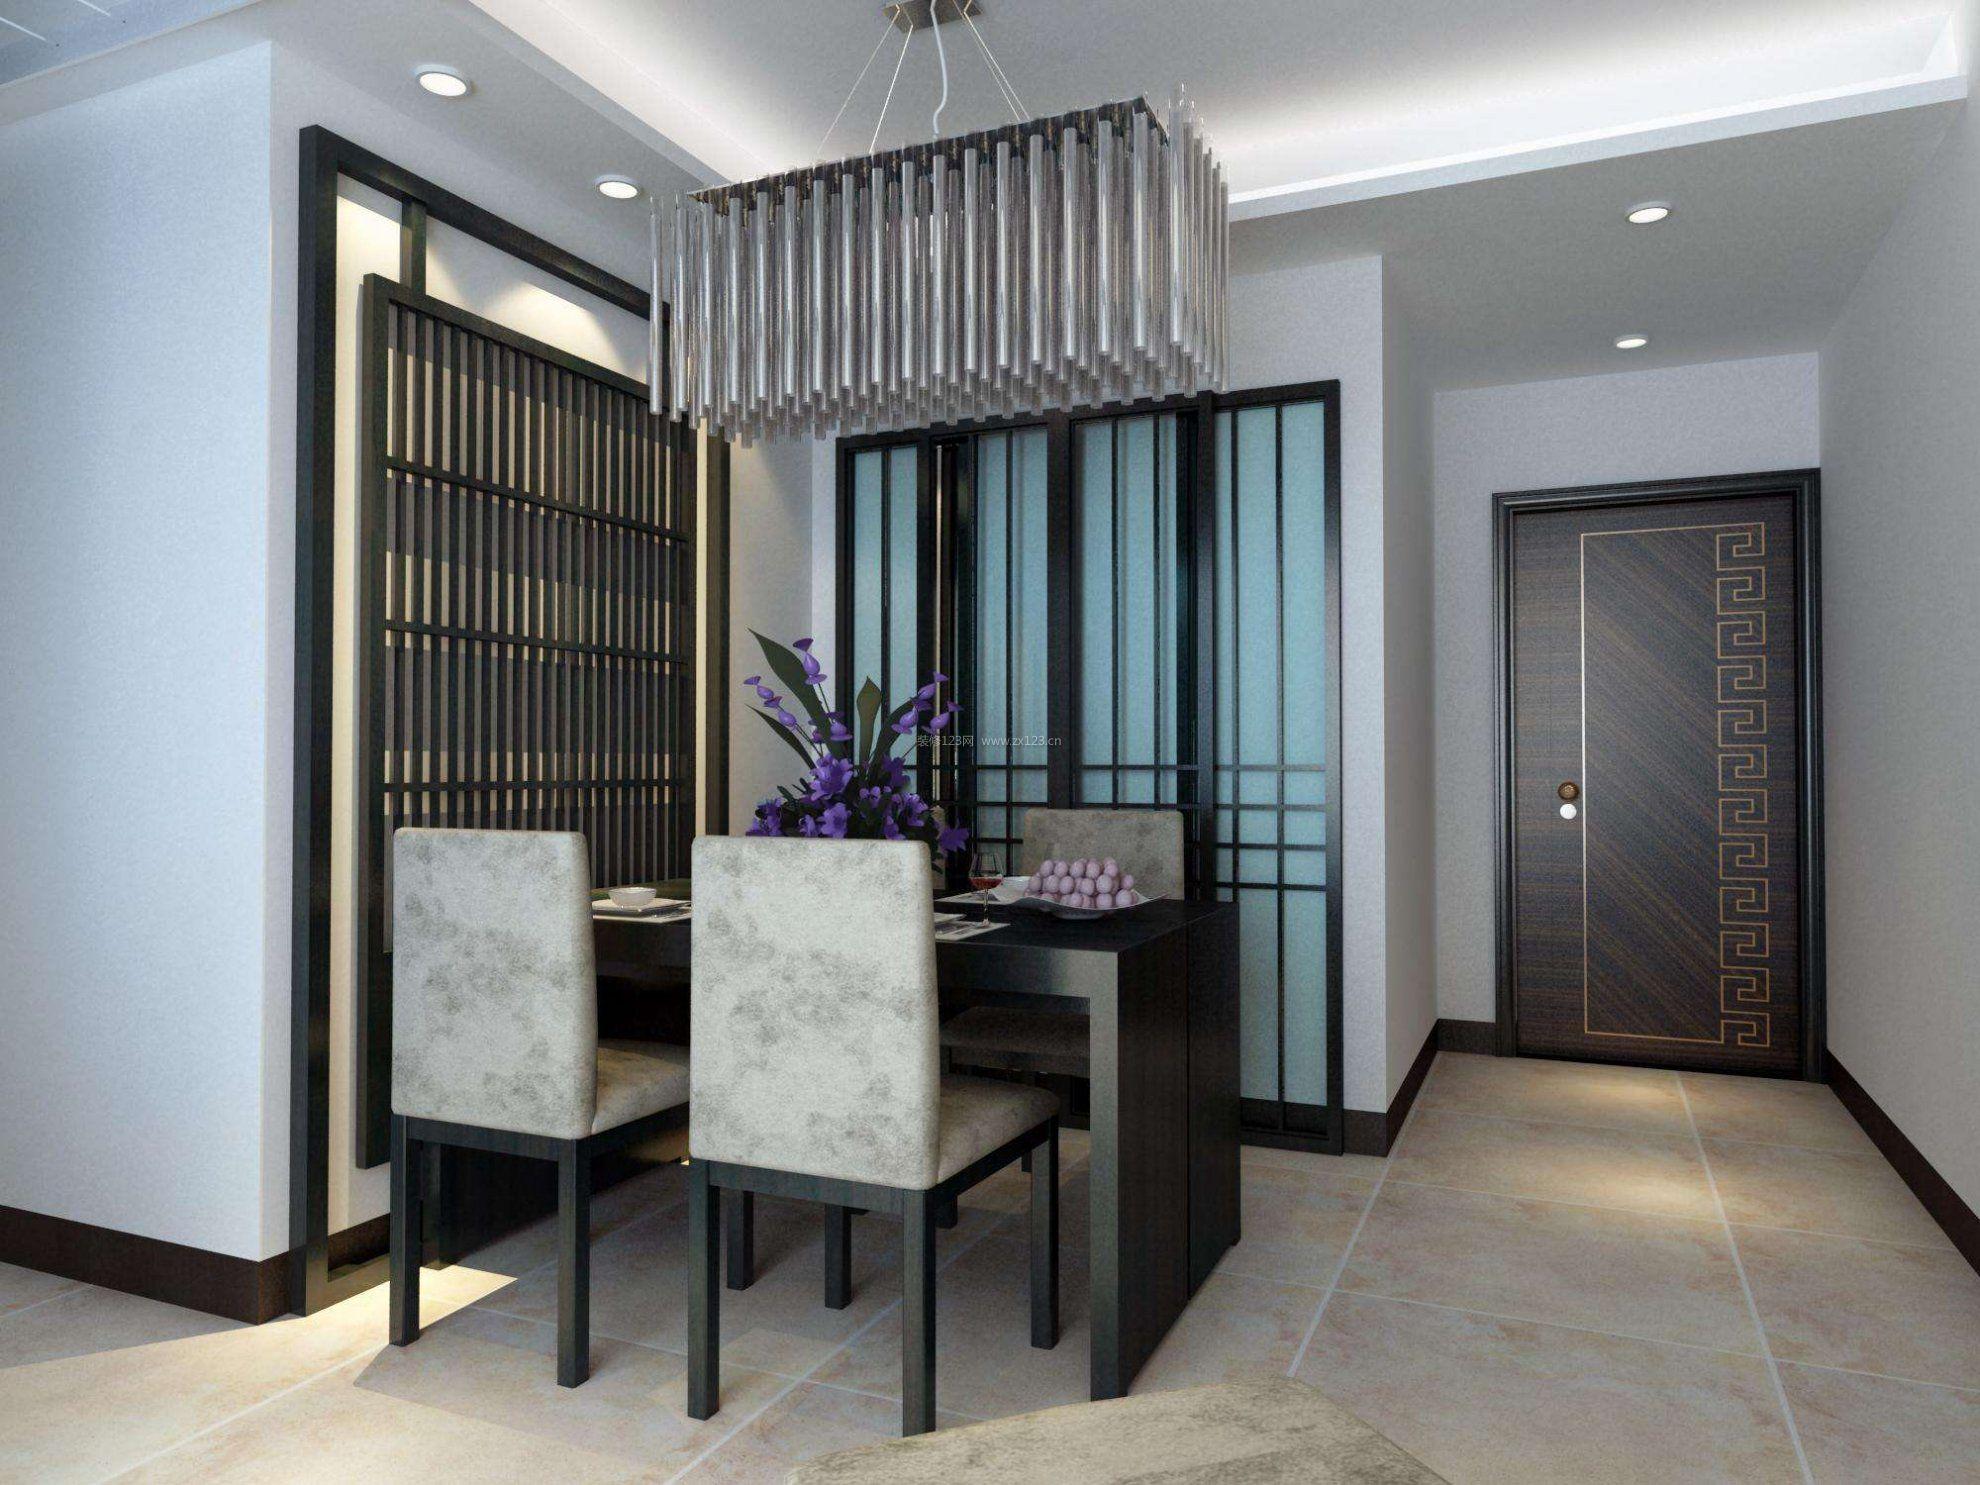 家装效果图 现代 60平两室一厅简约现代餐厅装修效果图 提供者